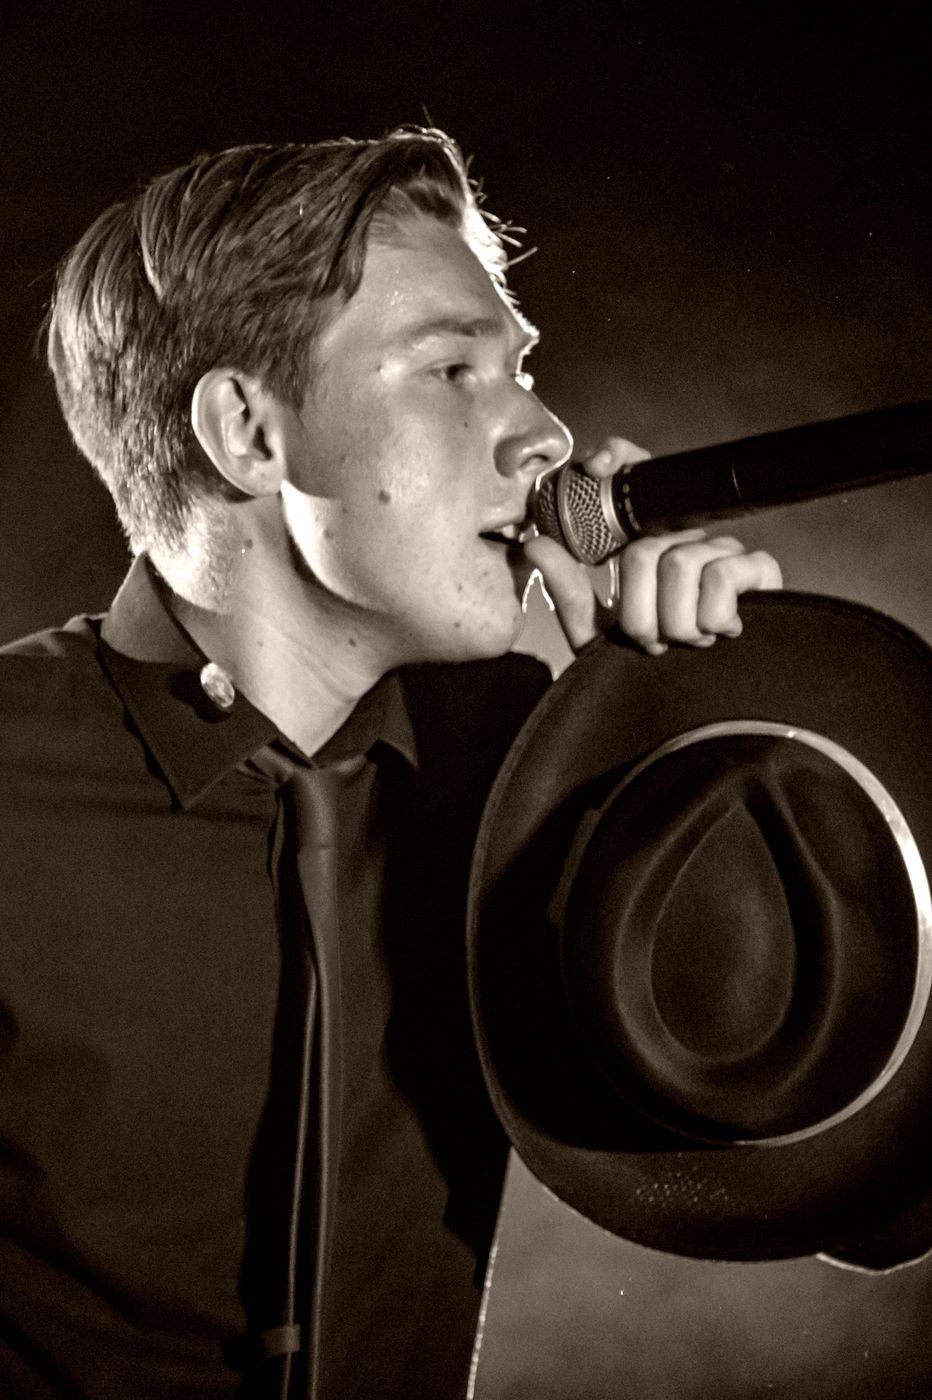 Dustin Saitzek